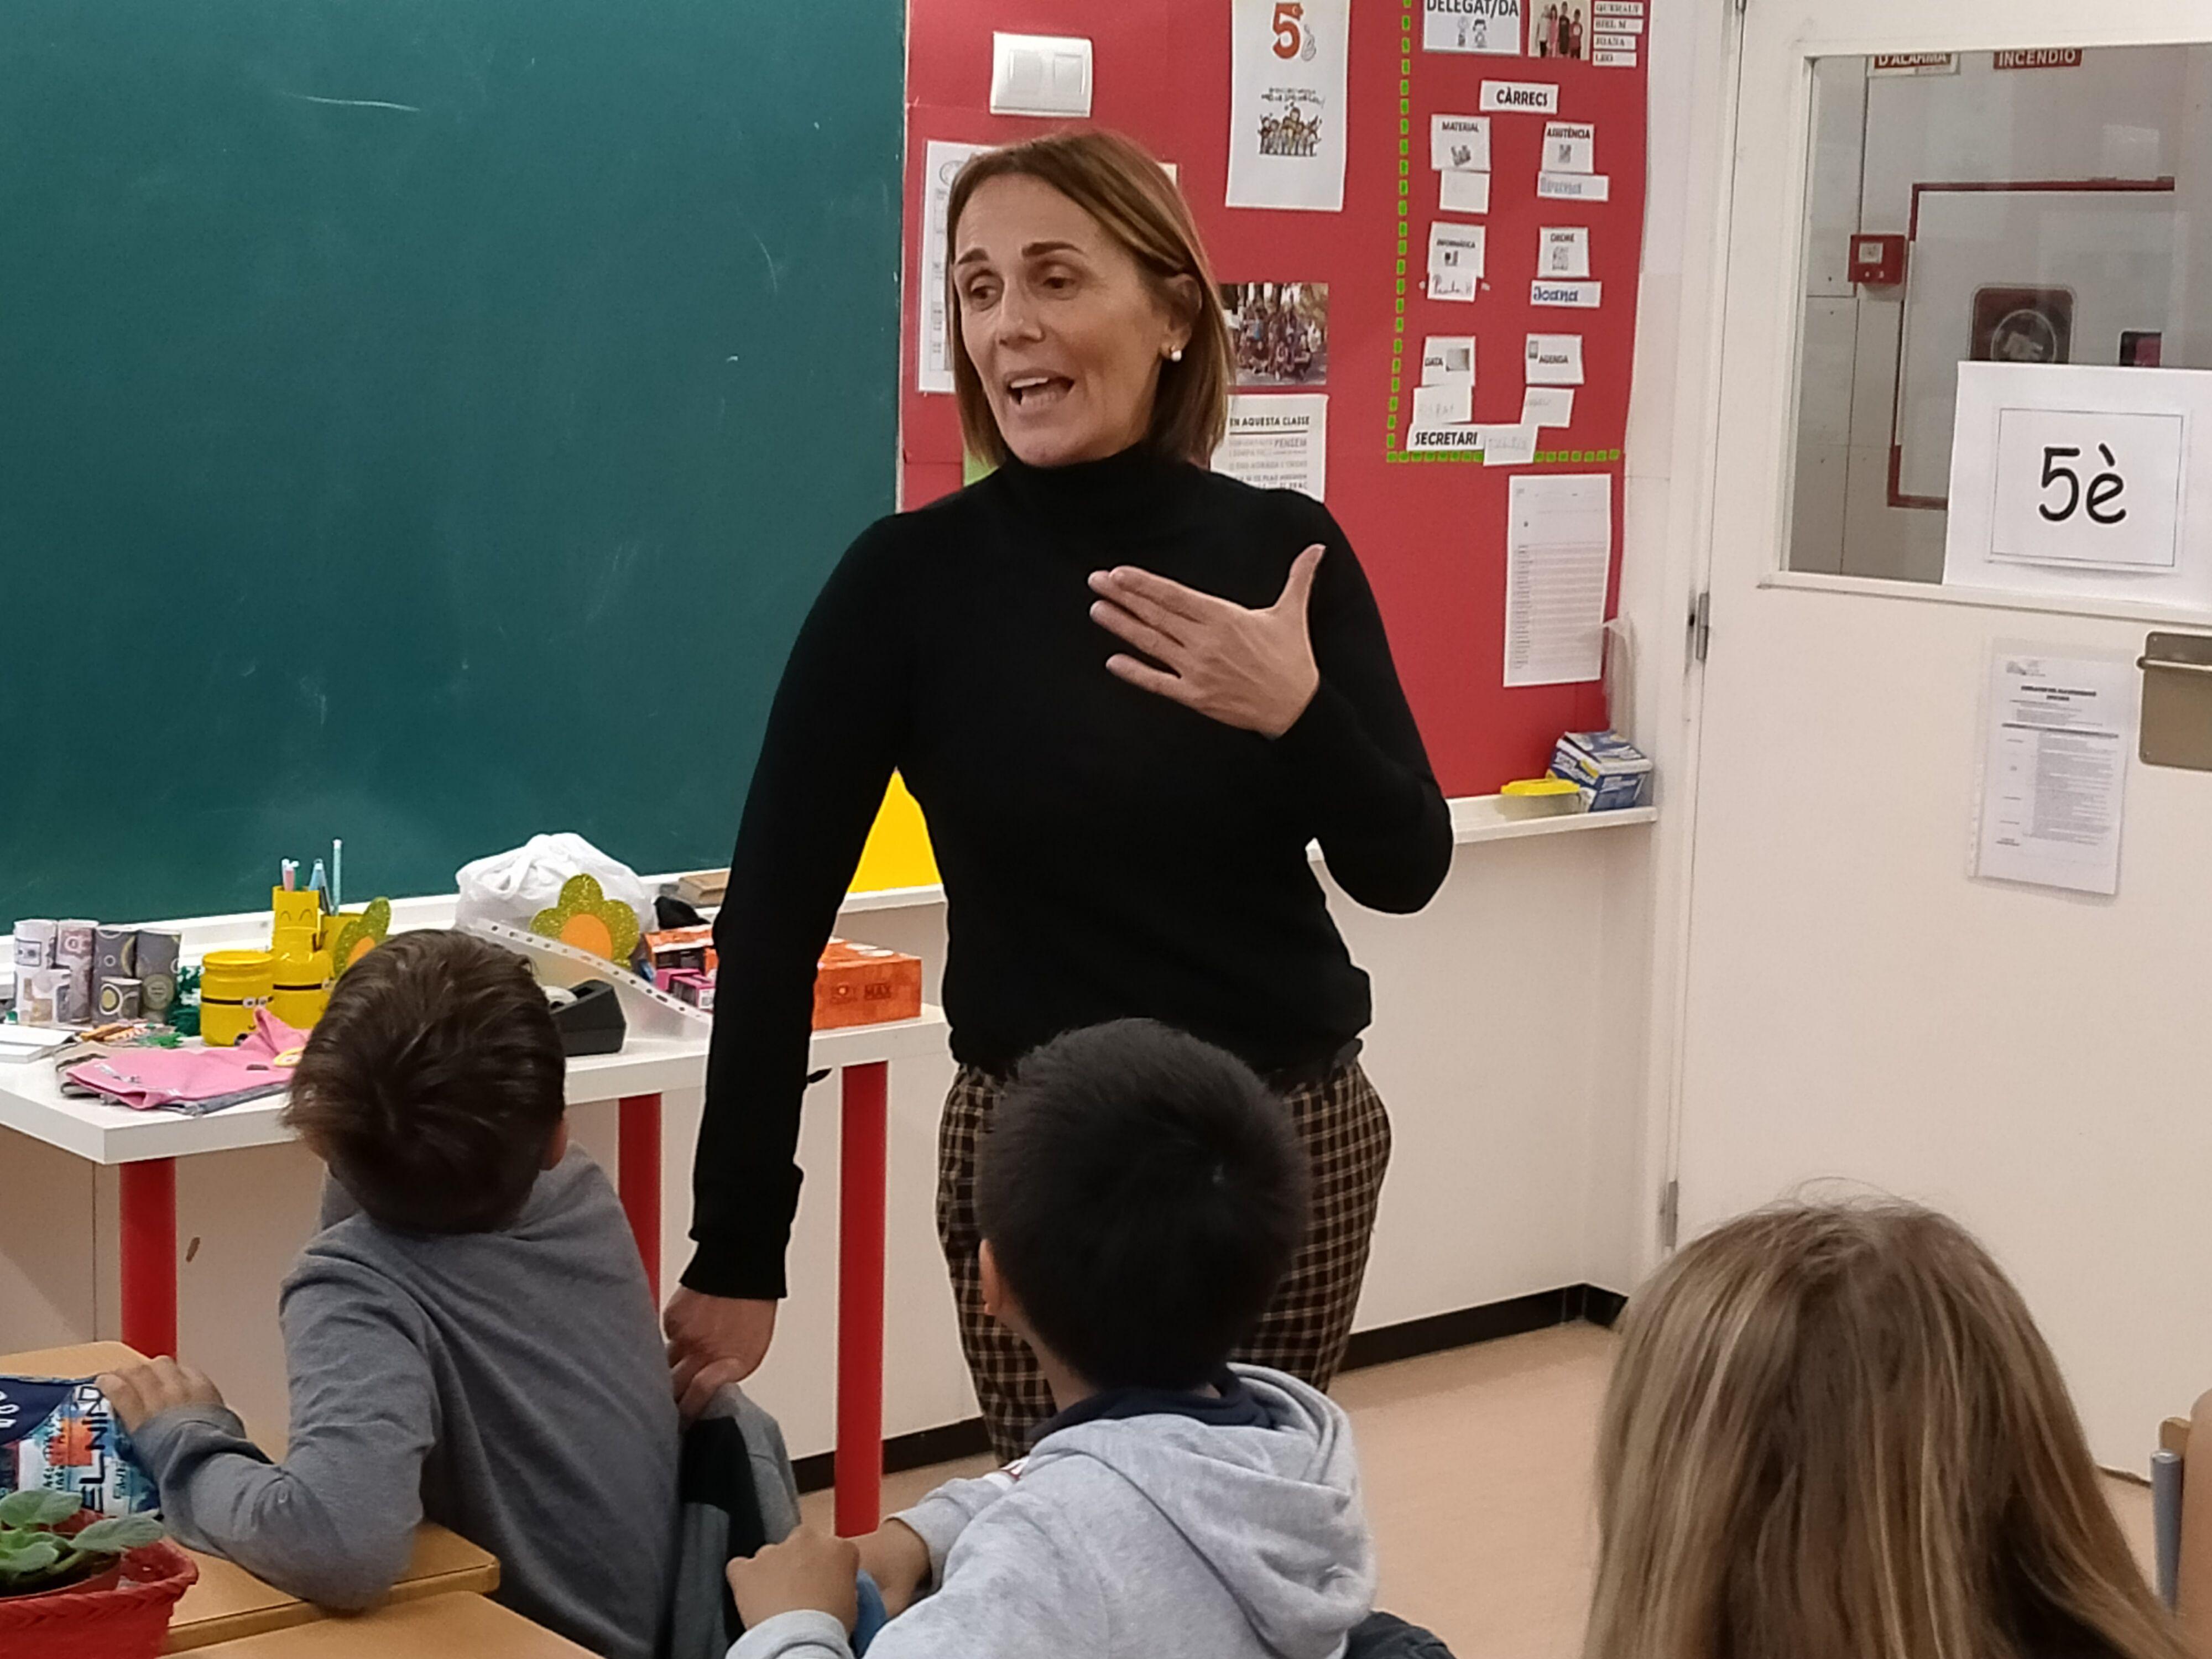 Presentació del curs a l'alumnat de l'Escola Collserola